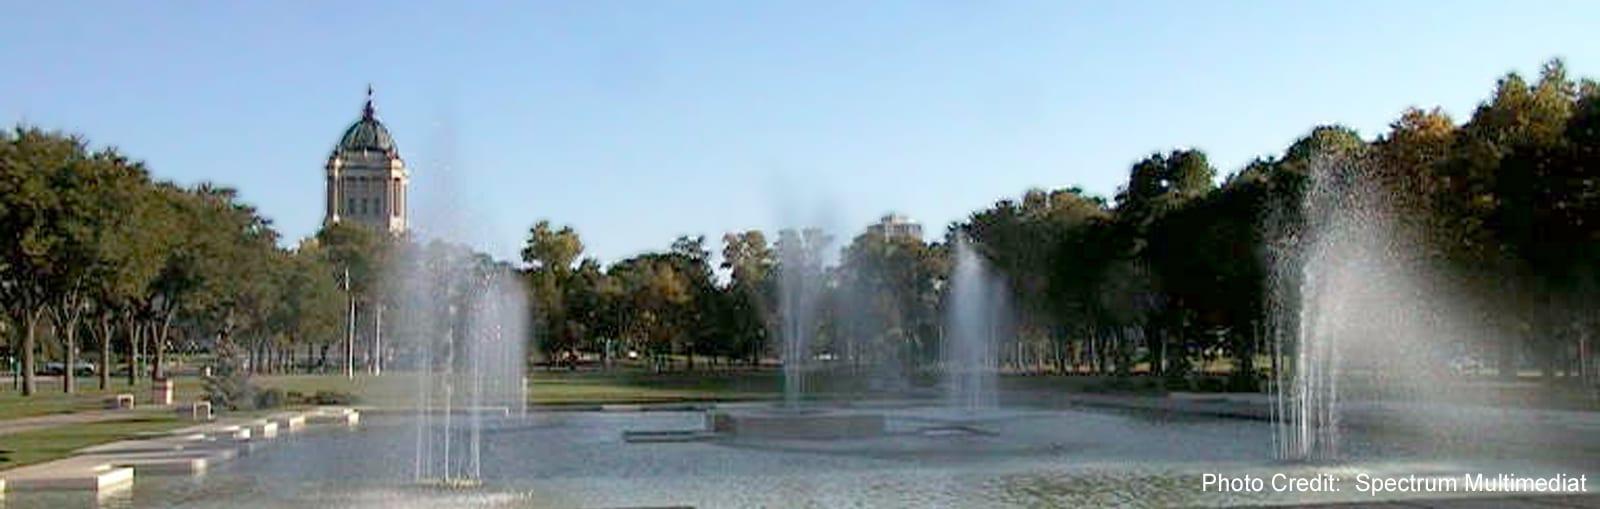 Winnipeg - Manitoba Legislature and fountains - sliver (Spectrum Multimedia)